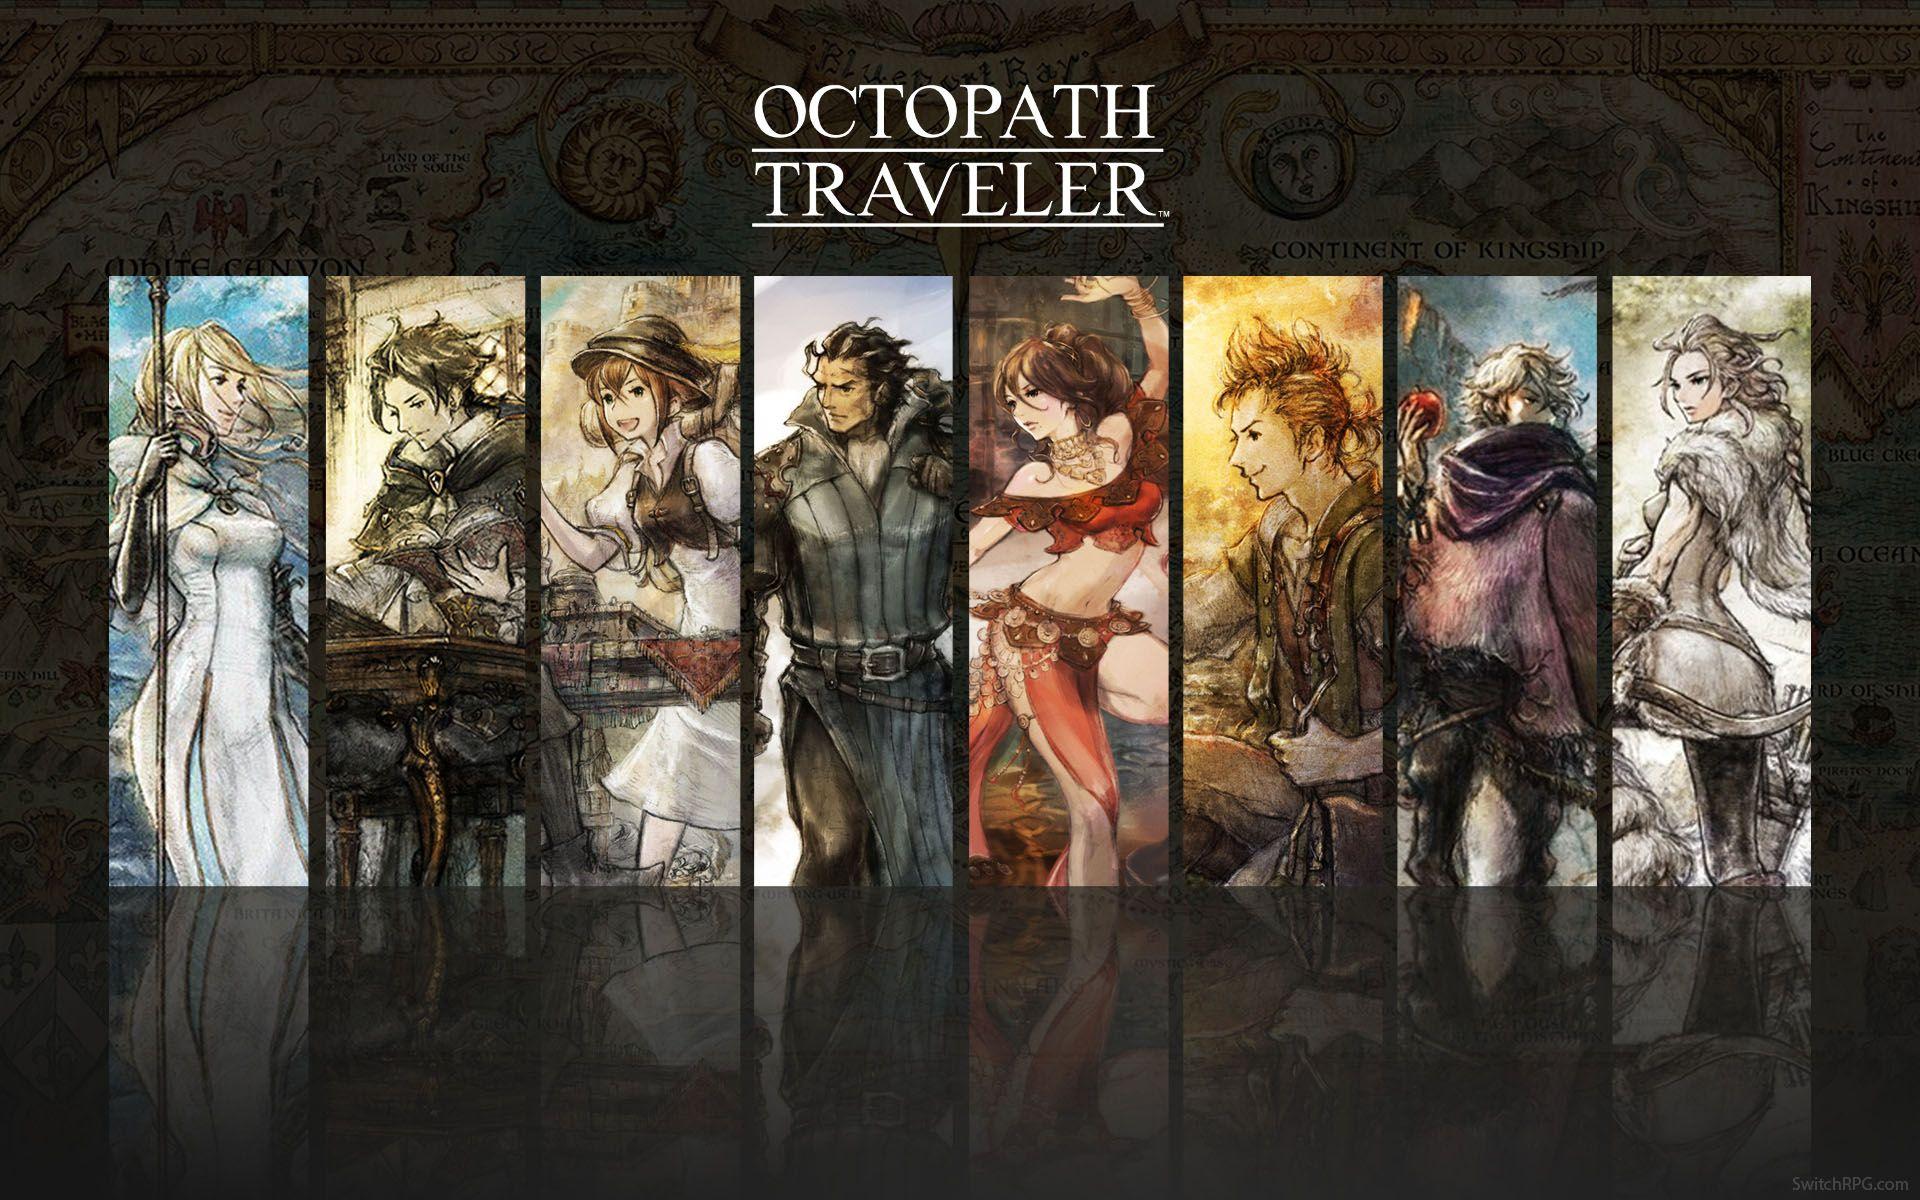 Octopath Traveler Group Wallpaper Octopath Traveler Travel Album Travel Aesthetic